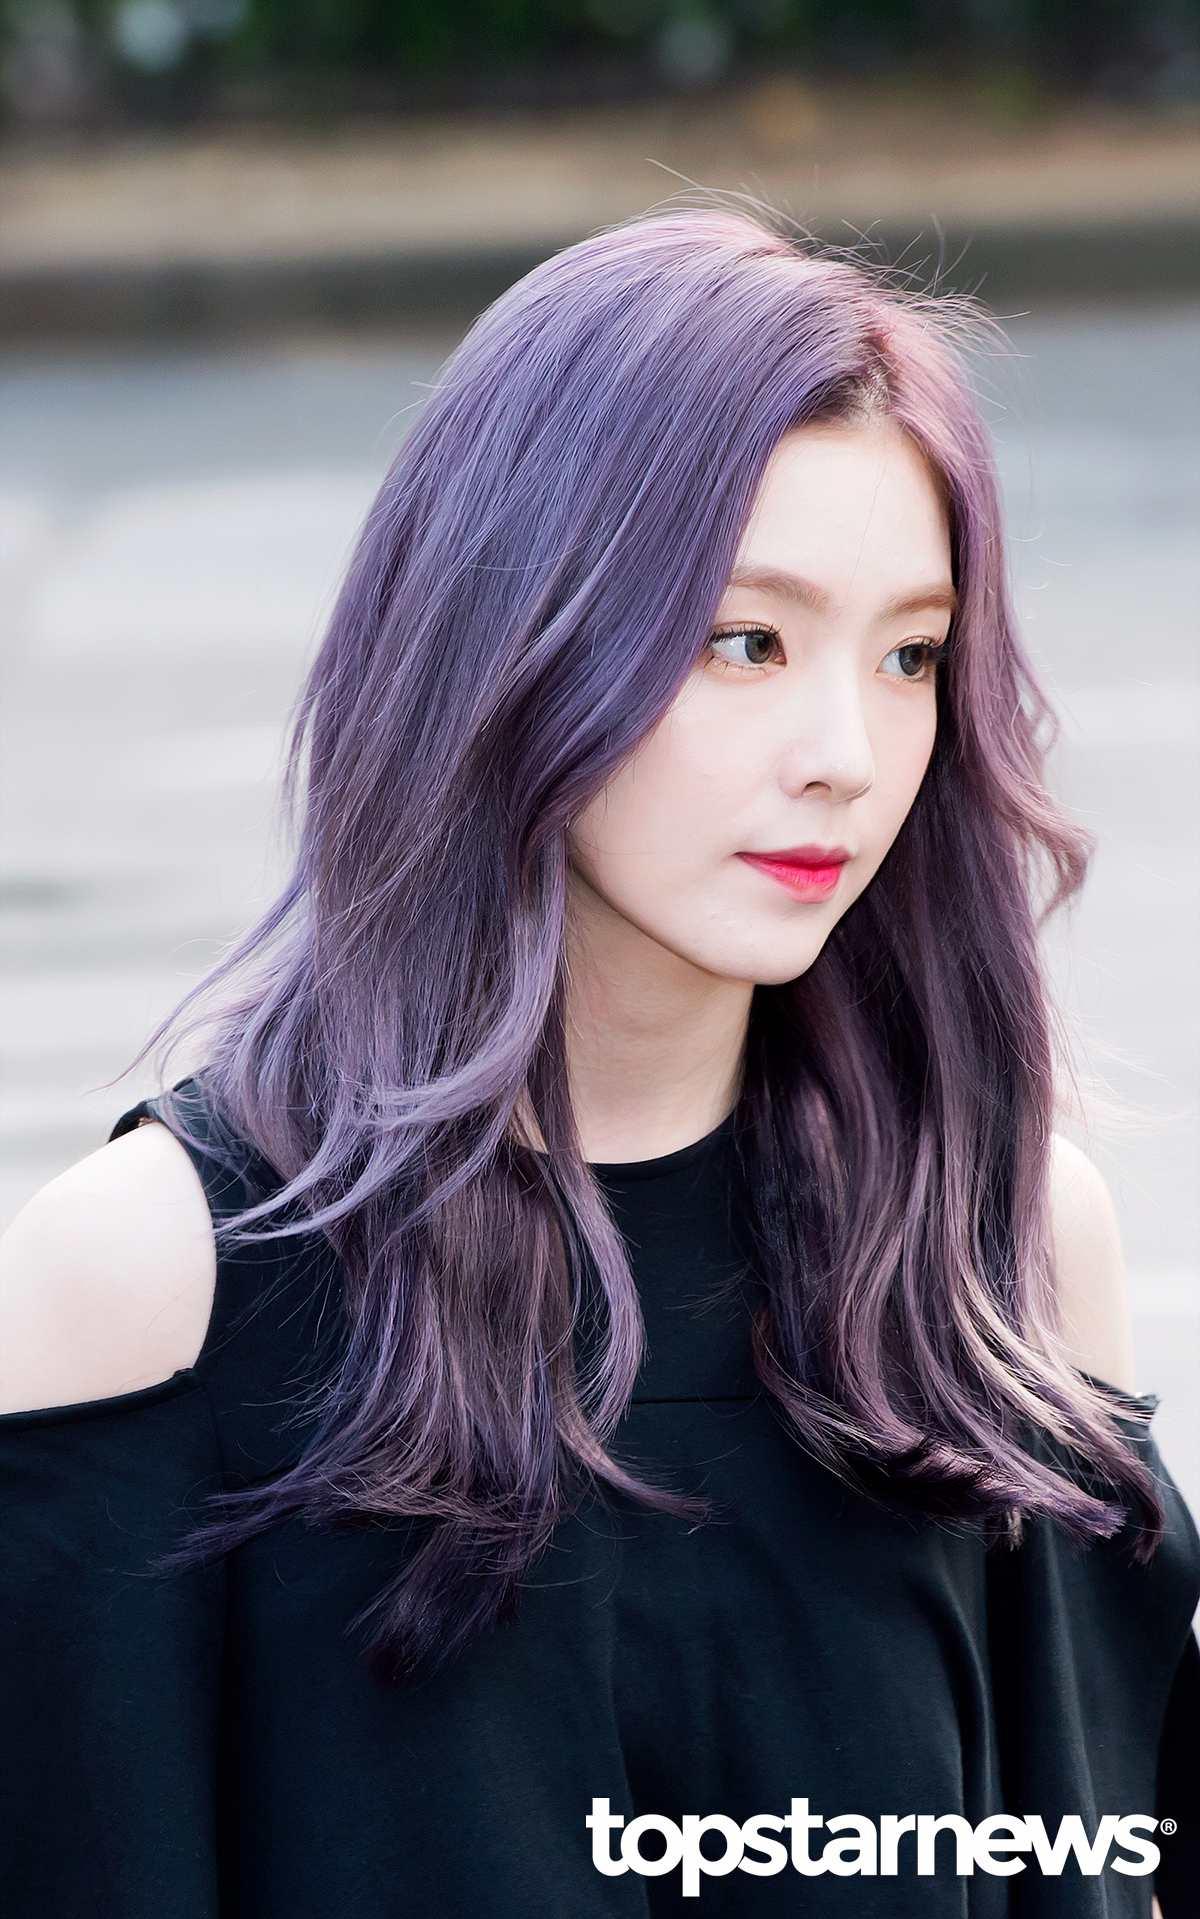 而繼Irene的紫髮后,最近又有一位成員換了新髮色。 而這位成員的新髮色,甚至被粉絲覺得比Irene的紫髮更夢幻。